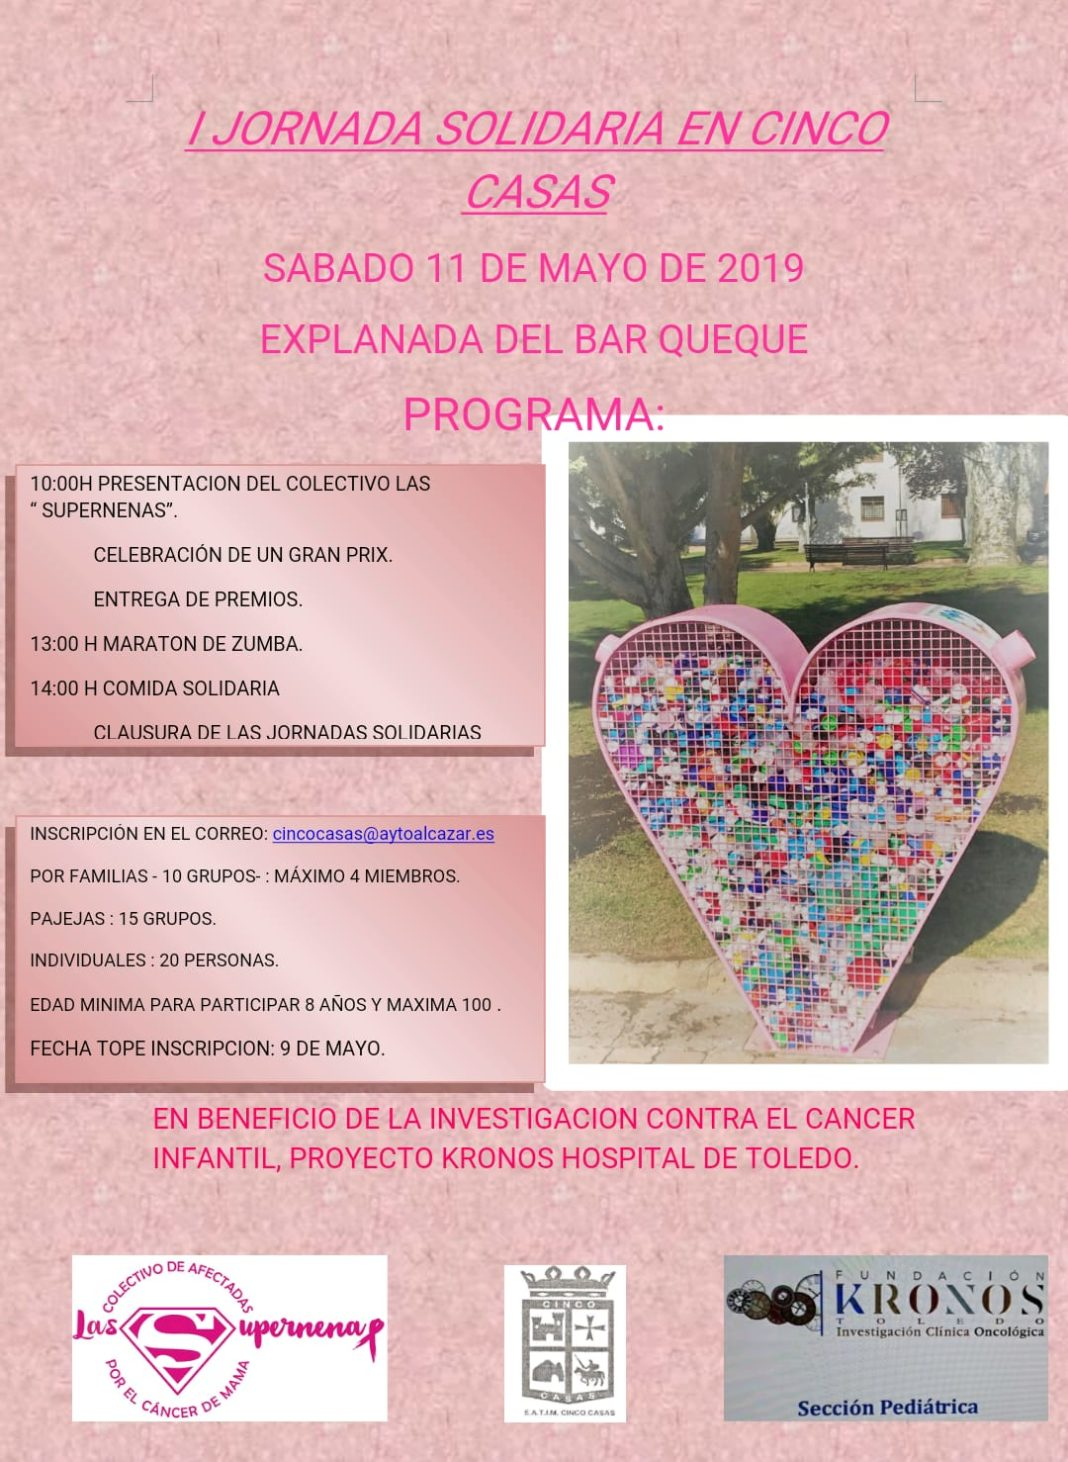 Las Supernenas en la I JOrnada Solidaria de Cinco Casas 1068x1462 - Las Supernenas organizan sus primeras jornadas solidarias en Cinco Casas